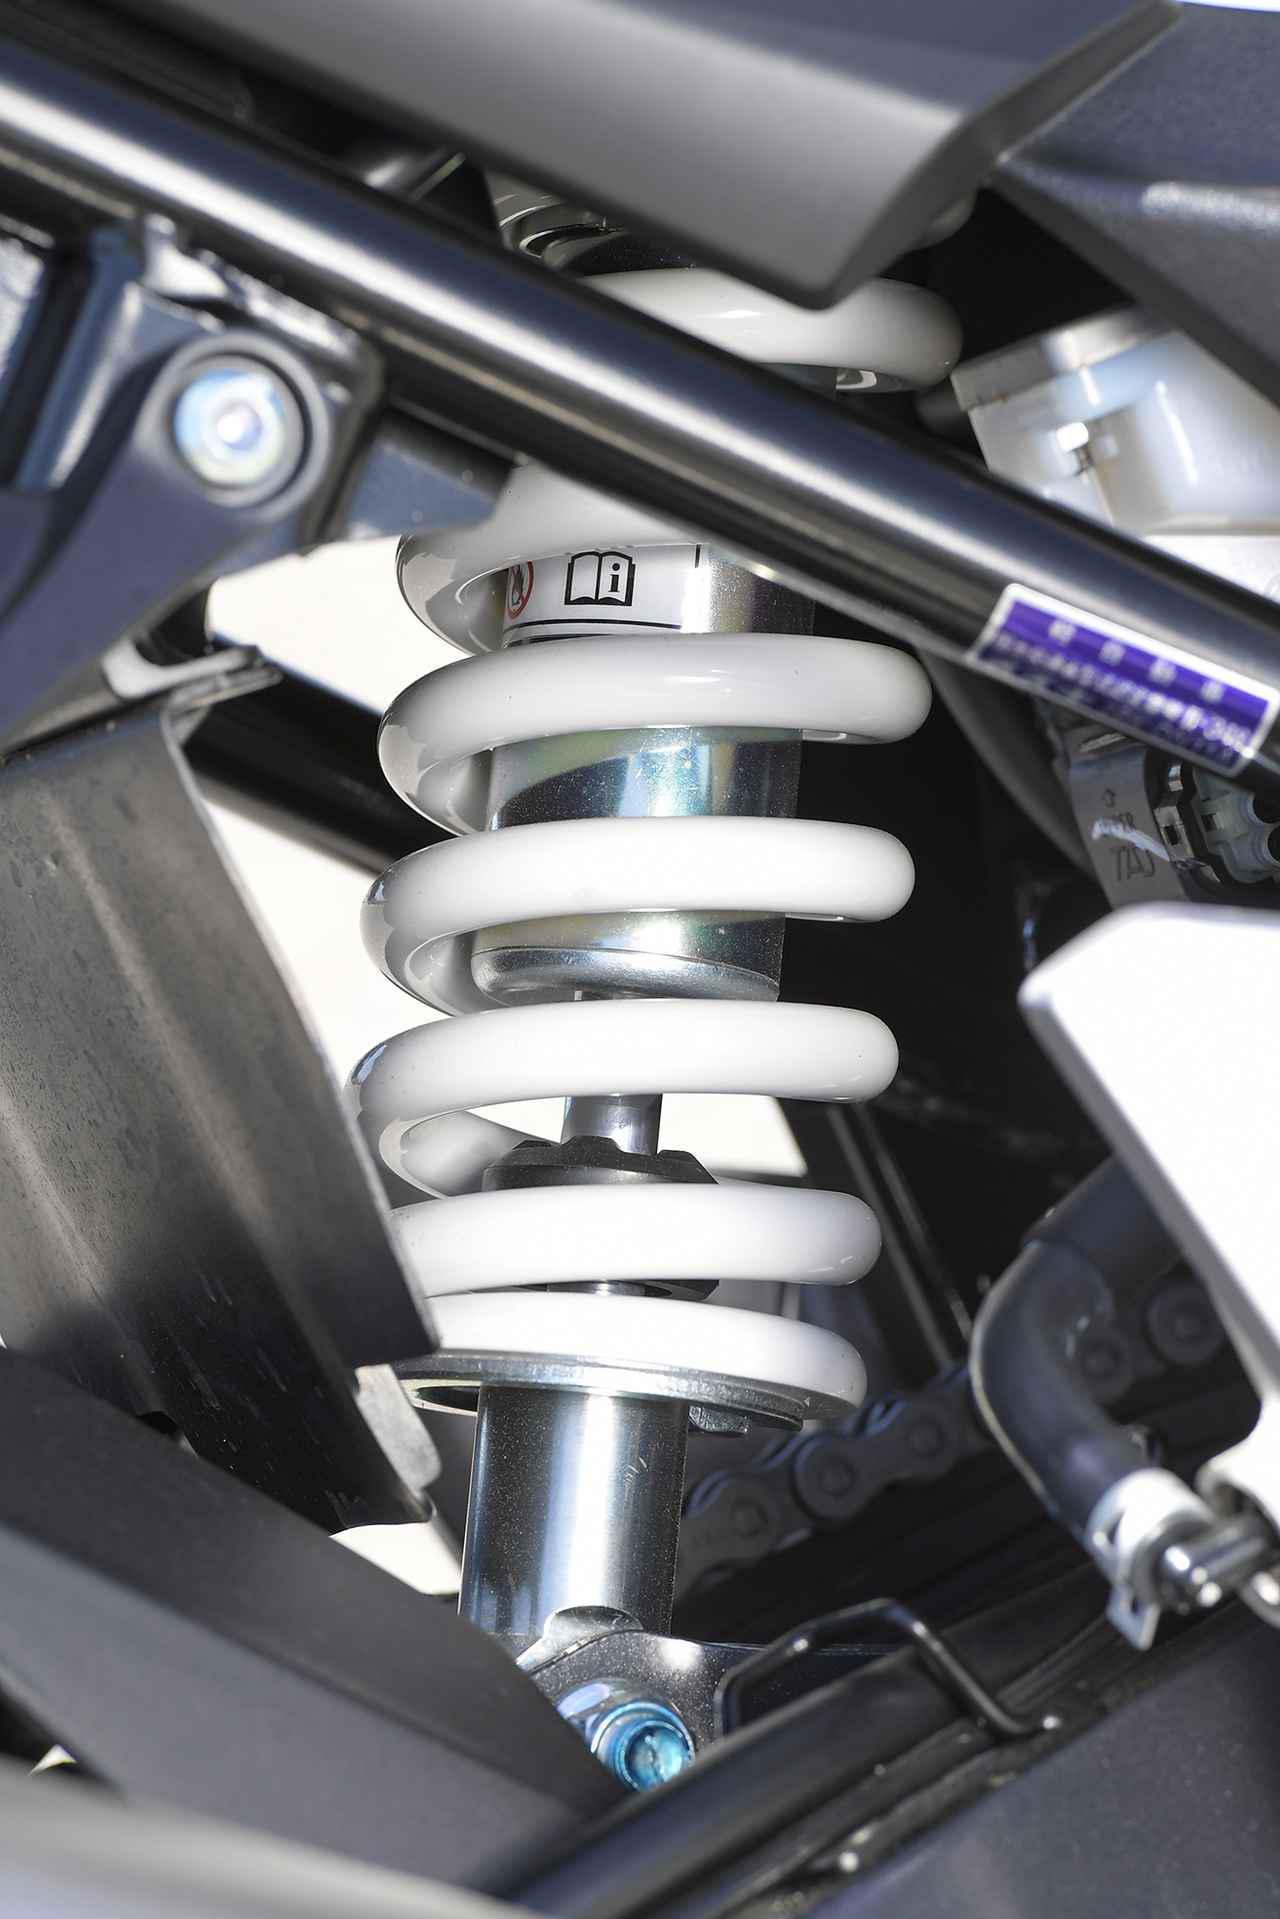 画像2: 《前編》ここにきてスズキのGSX250Rが逆に目立つ! 他の250ccには無い『バイク初心者も自信が持てる理由』って何だ?【SUZUKI GSX250R】